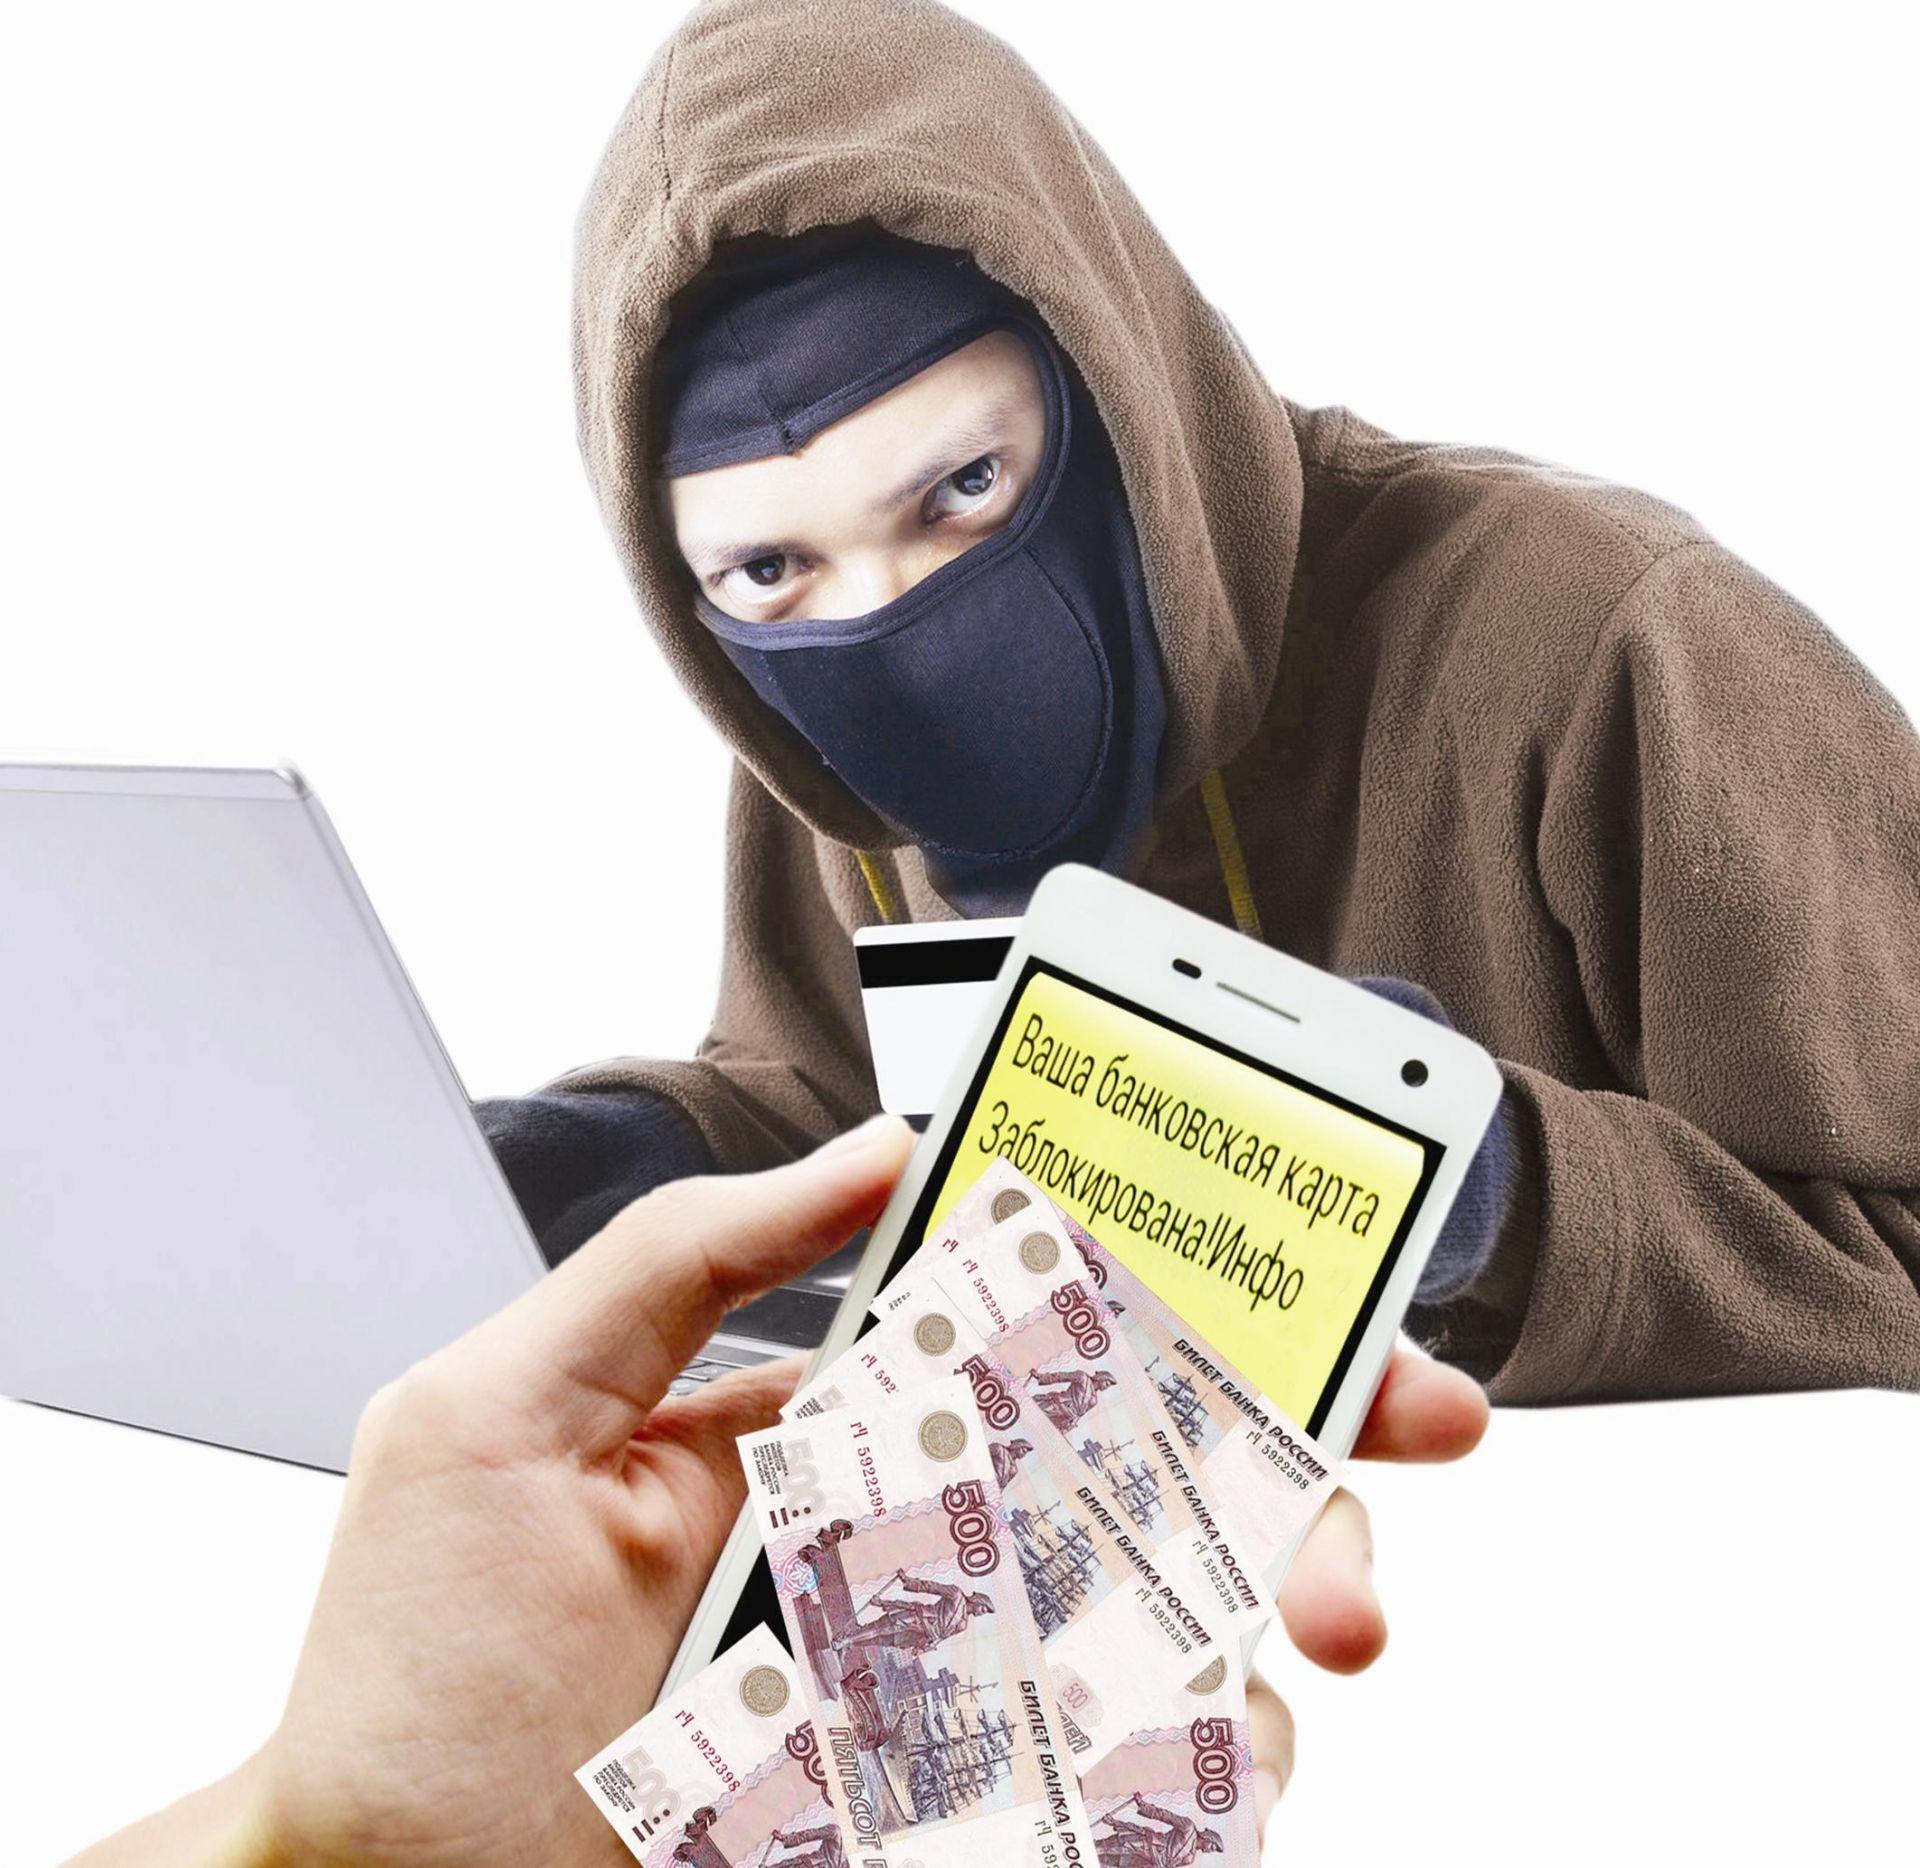 хищение с кредитной карты кто потерпевший